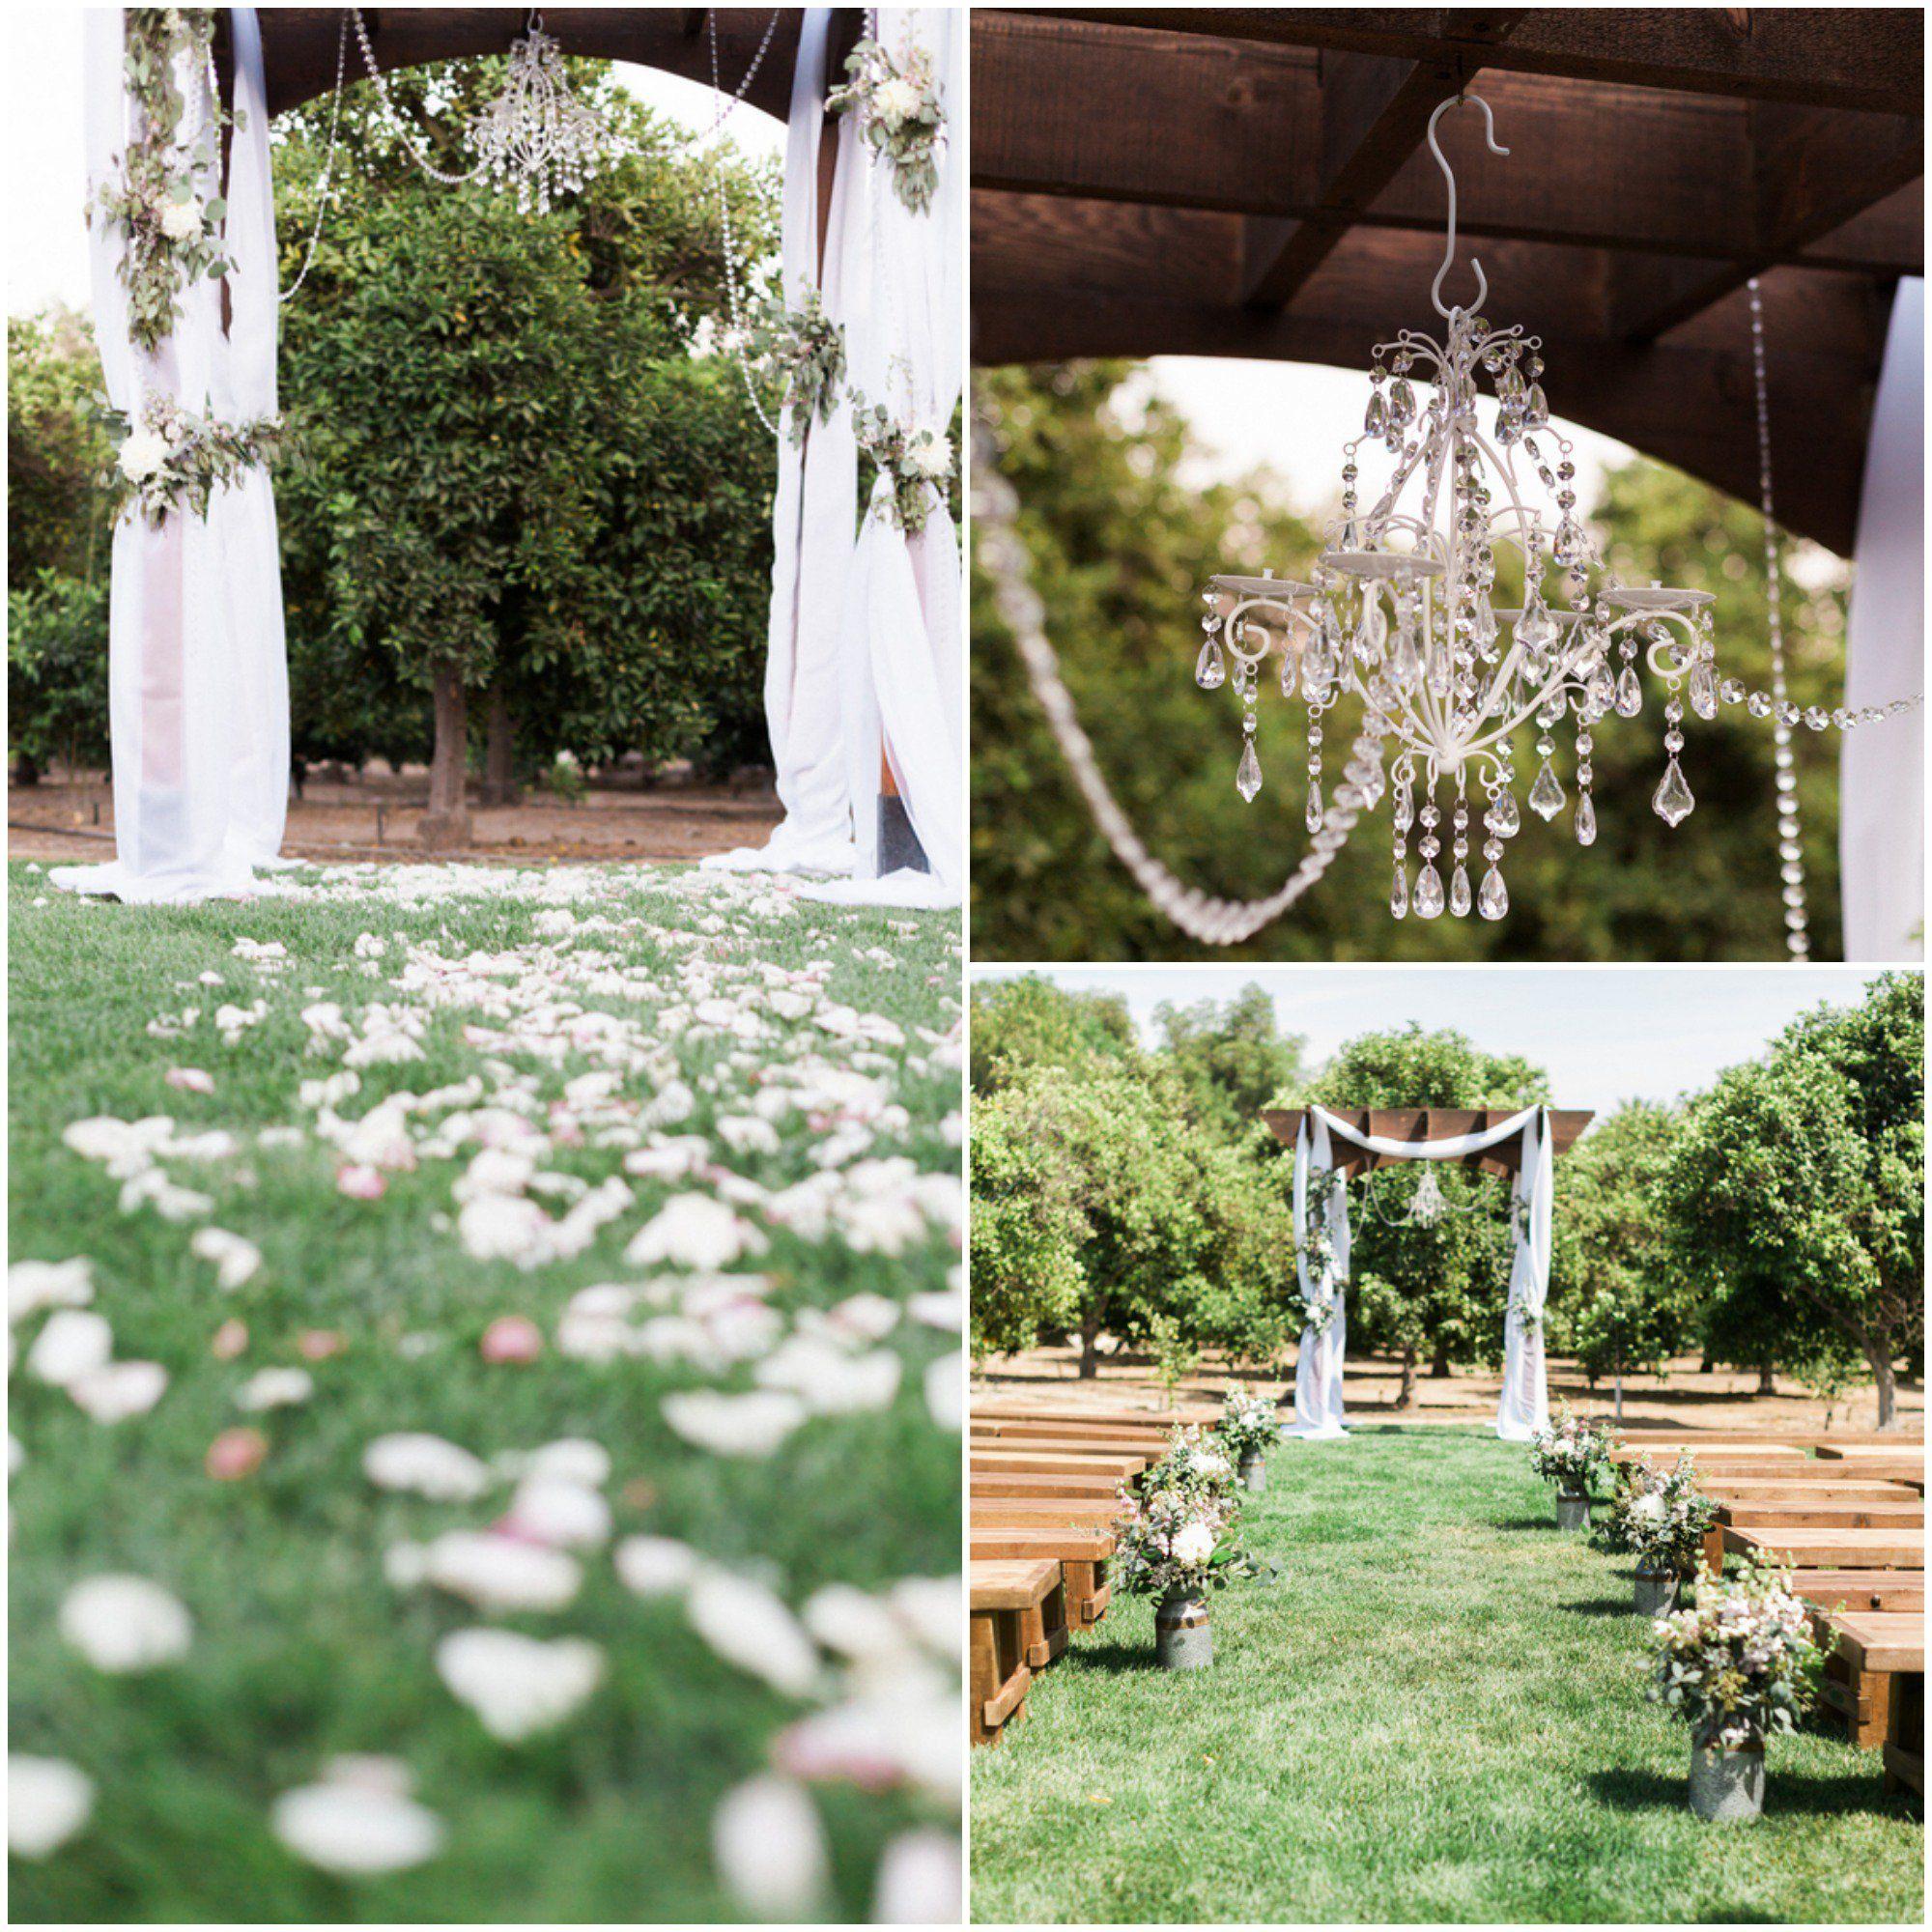 Country Shabby Chic Wedding Outdoor CeremoniesOutdoor